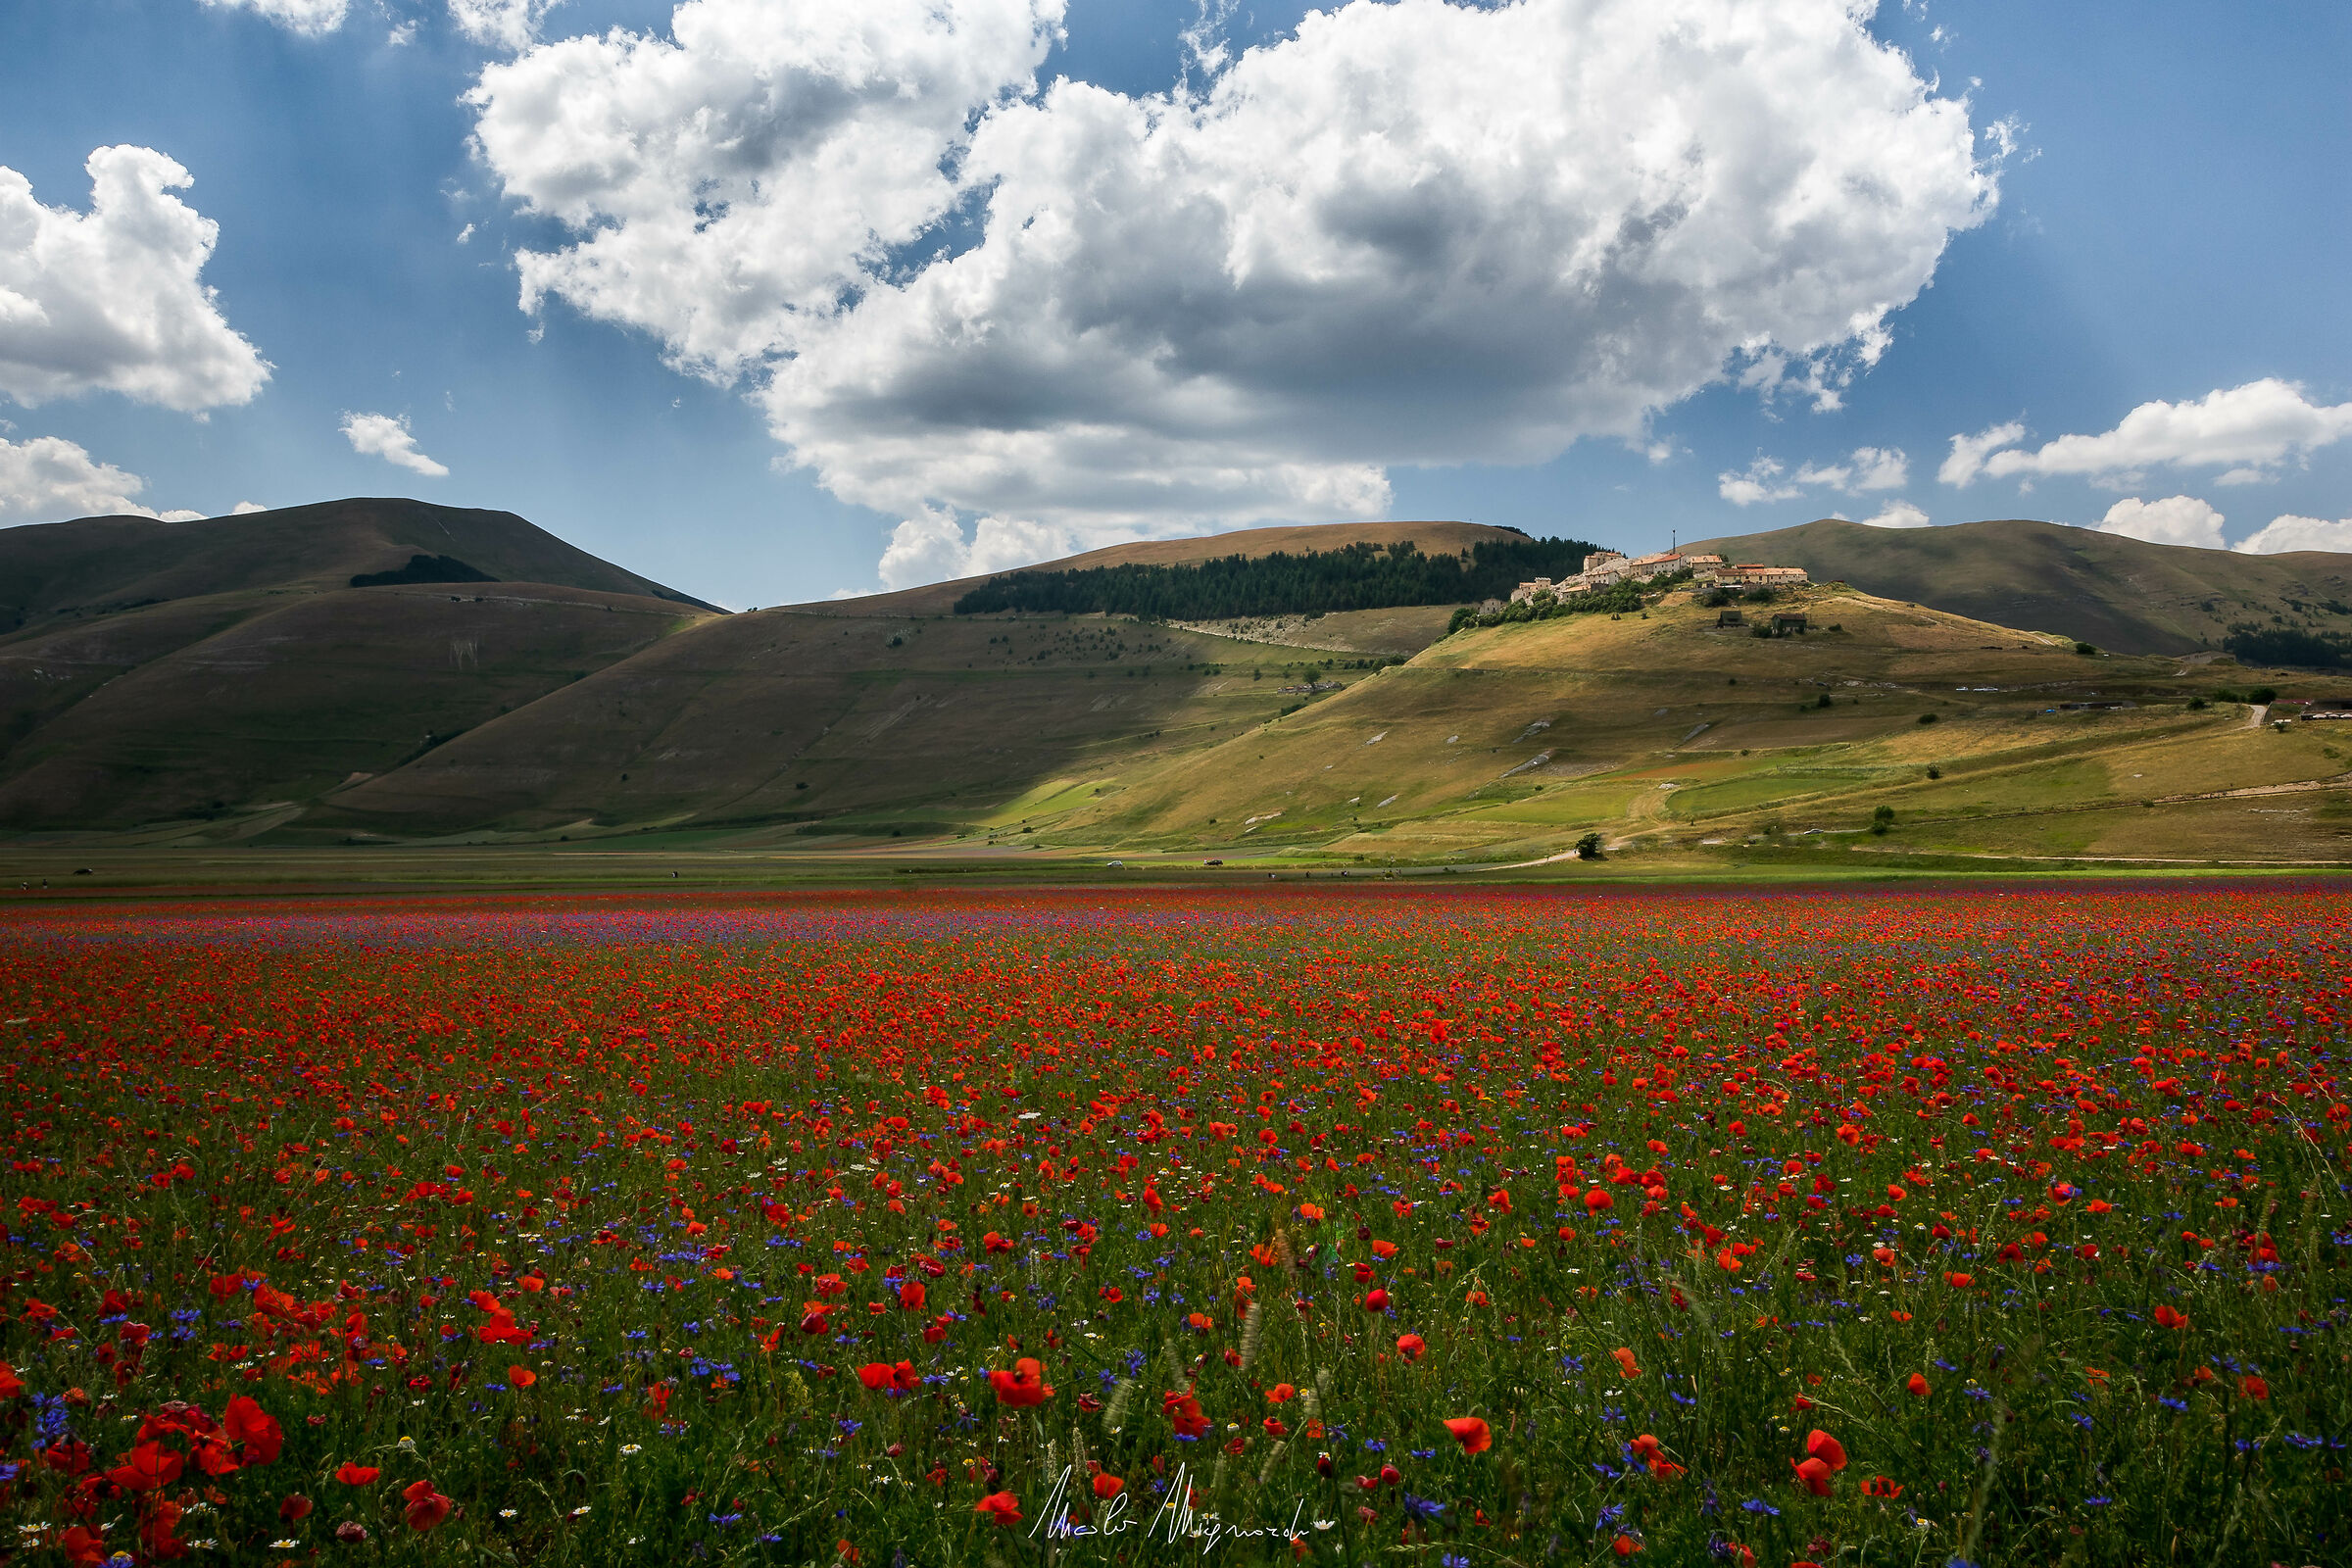 Castelluccio, guardiano di fiori (2019)...